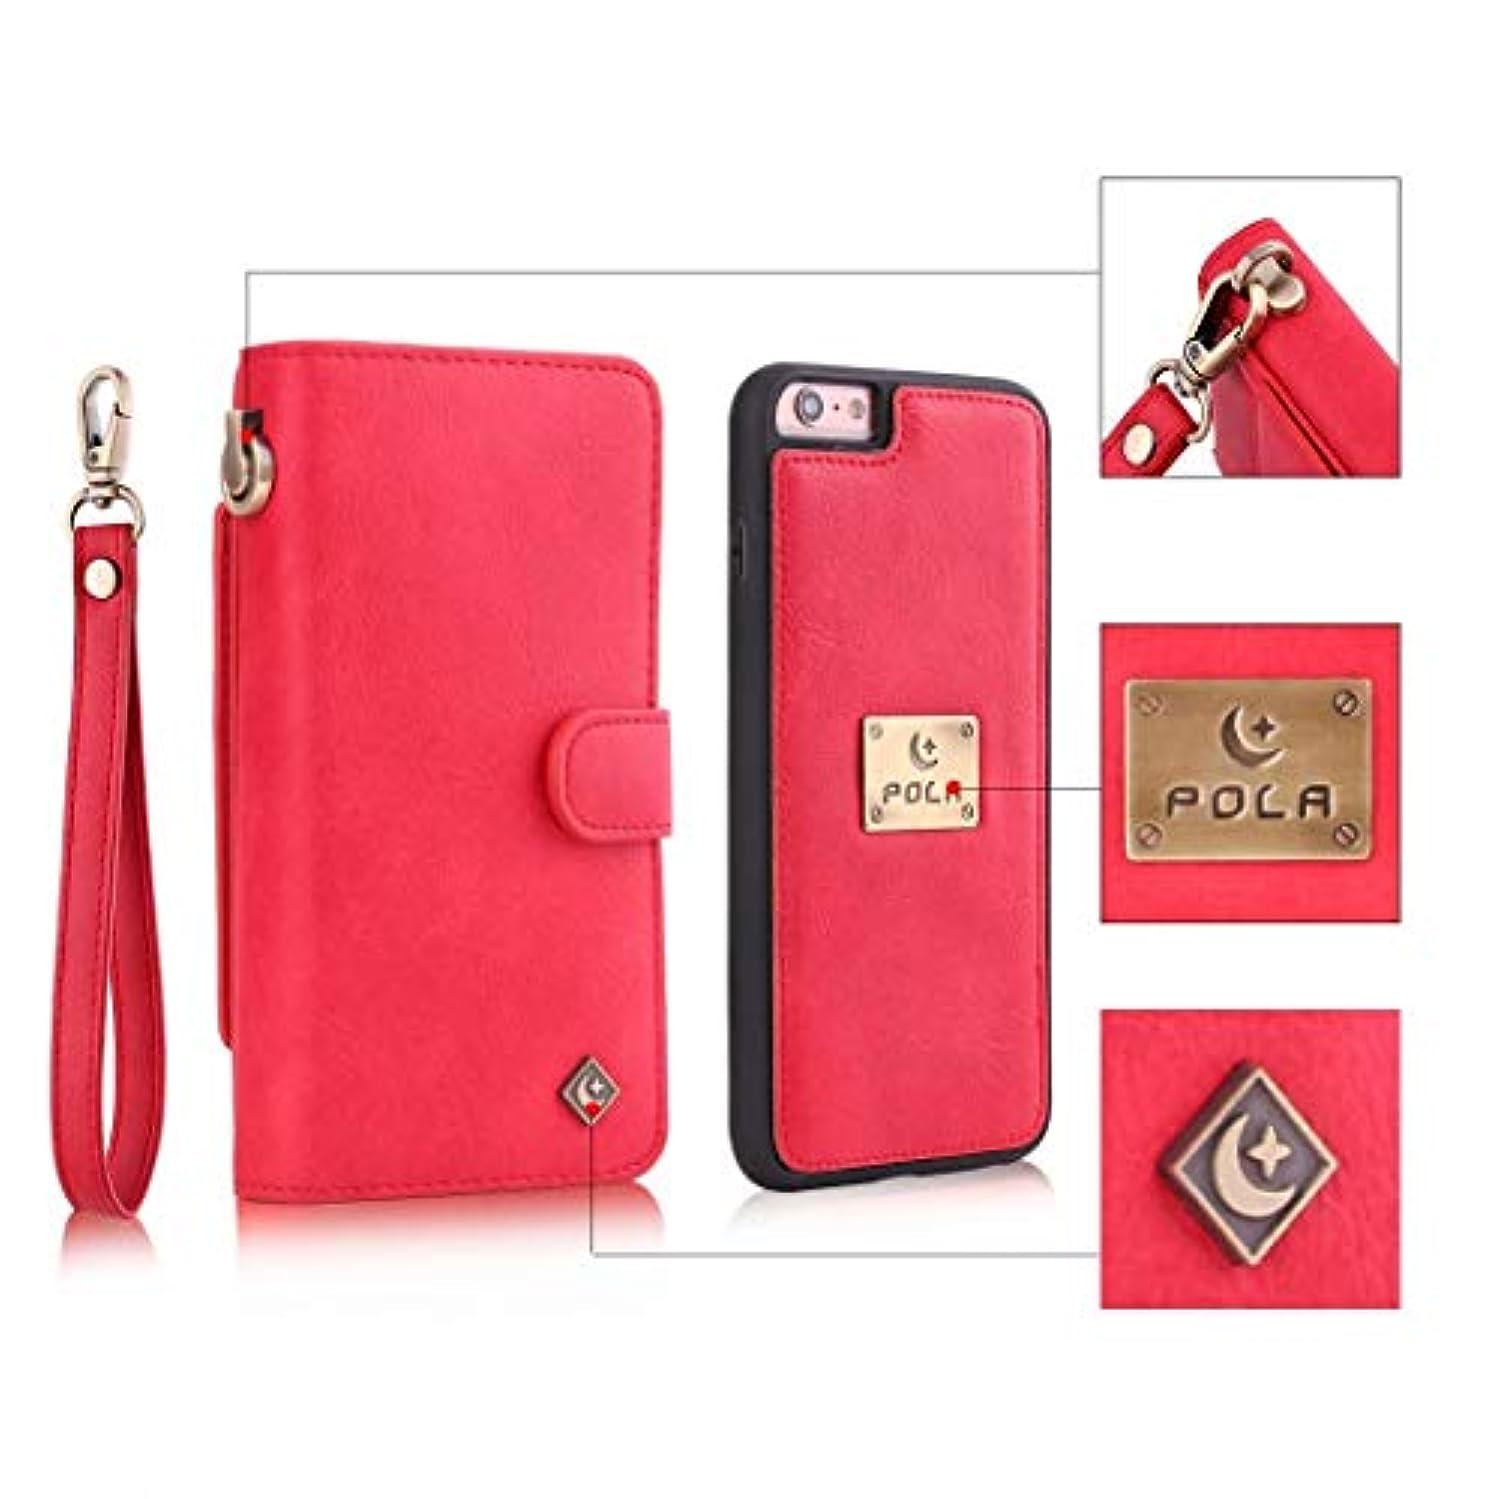 競争力のある失礼な痛みBlusodacy ケース iPhone 6 Plusレザーケース、iPhone 6sプラスレザーウォレットケース(磁気開閉式&取り外し可能なバックカバー付き)、iPhone 6s Plus用ストラップ付きフォリオワーストバンドケース (Color : Red)